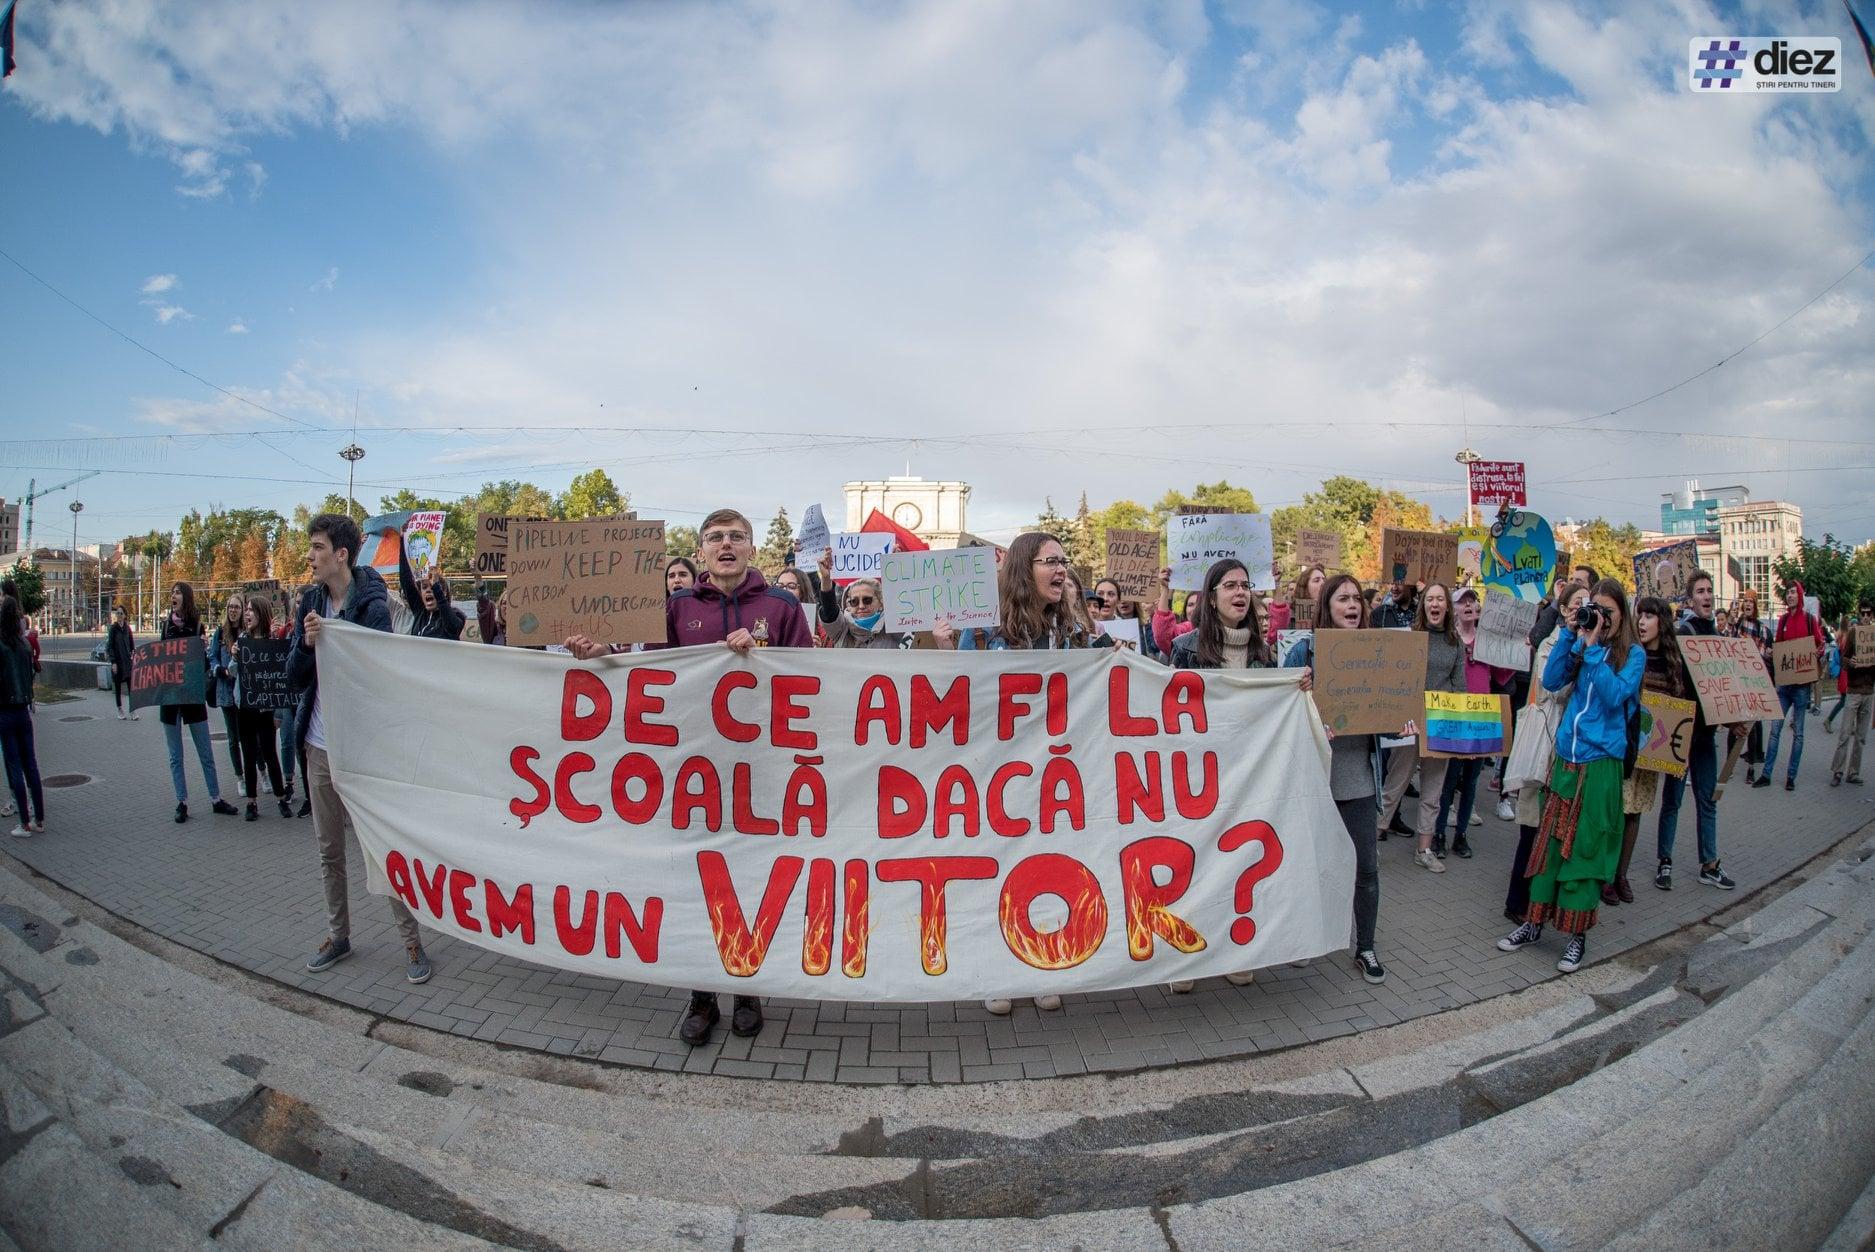 20 septembrie 2019 - elevii din Chișinău s-au alăturat protestului mondial Fridays for Future. Foto: Diez.md